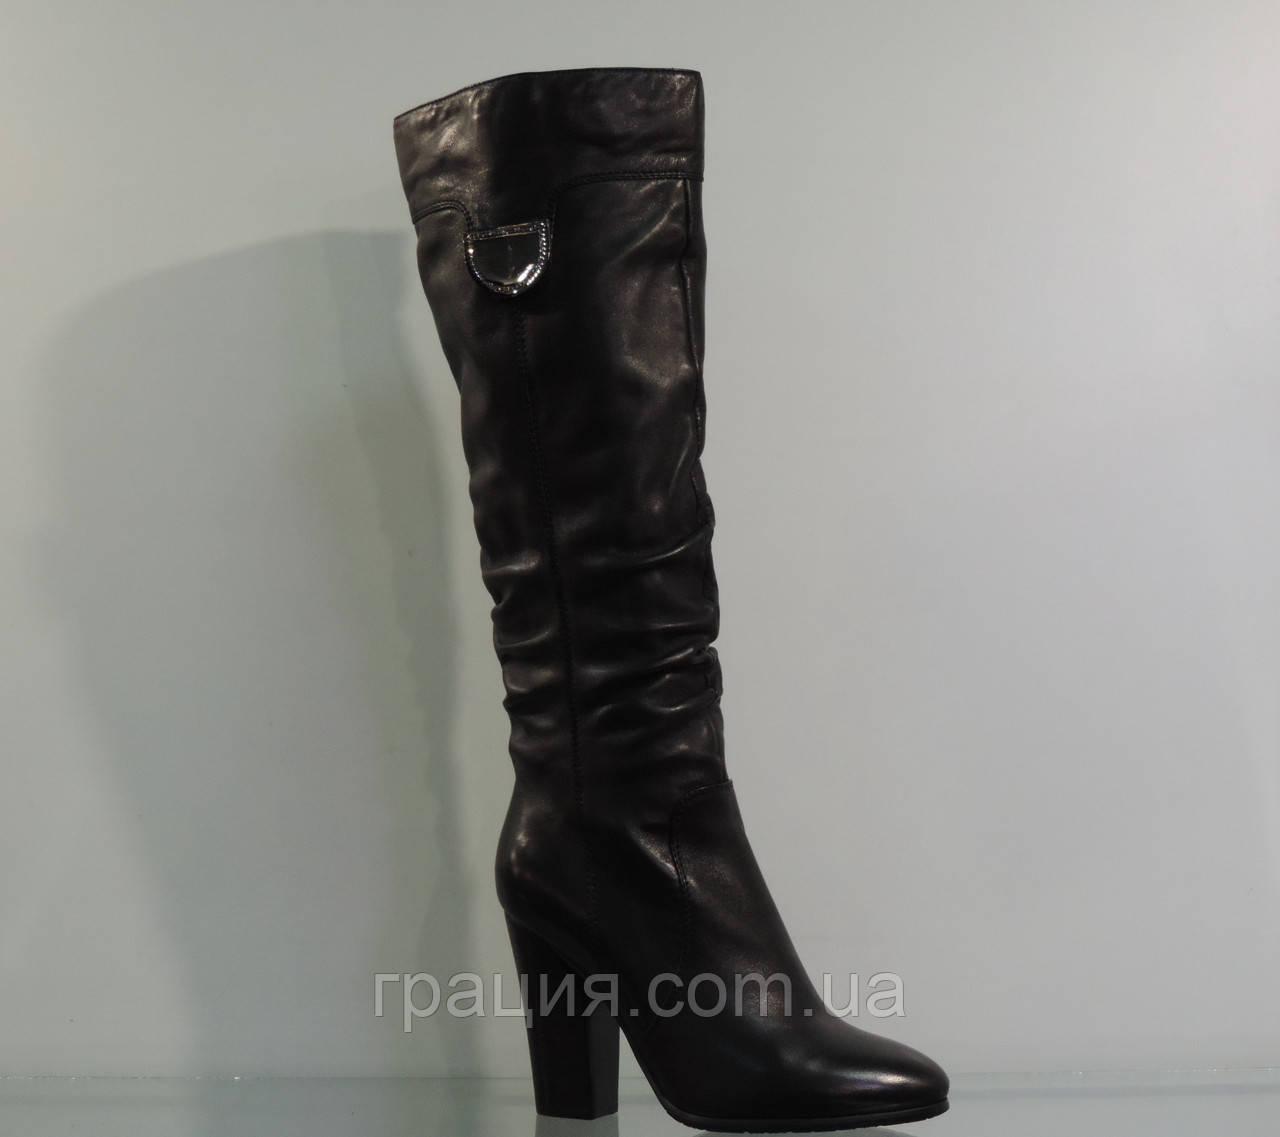 Молодіжні високі шкіряні зимові чобітки на підборах